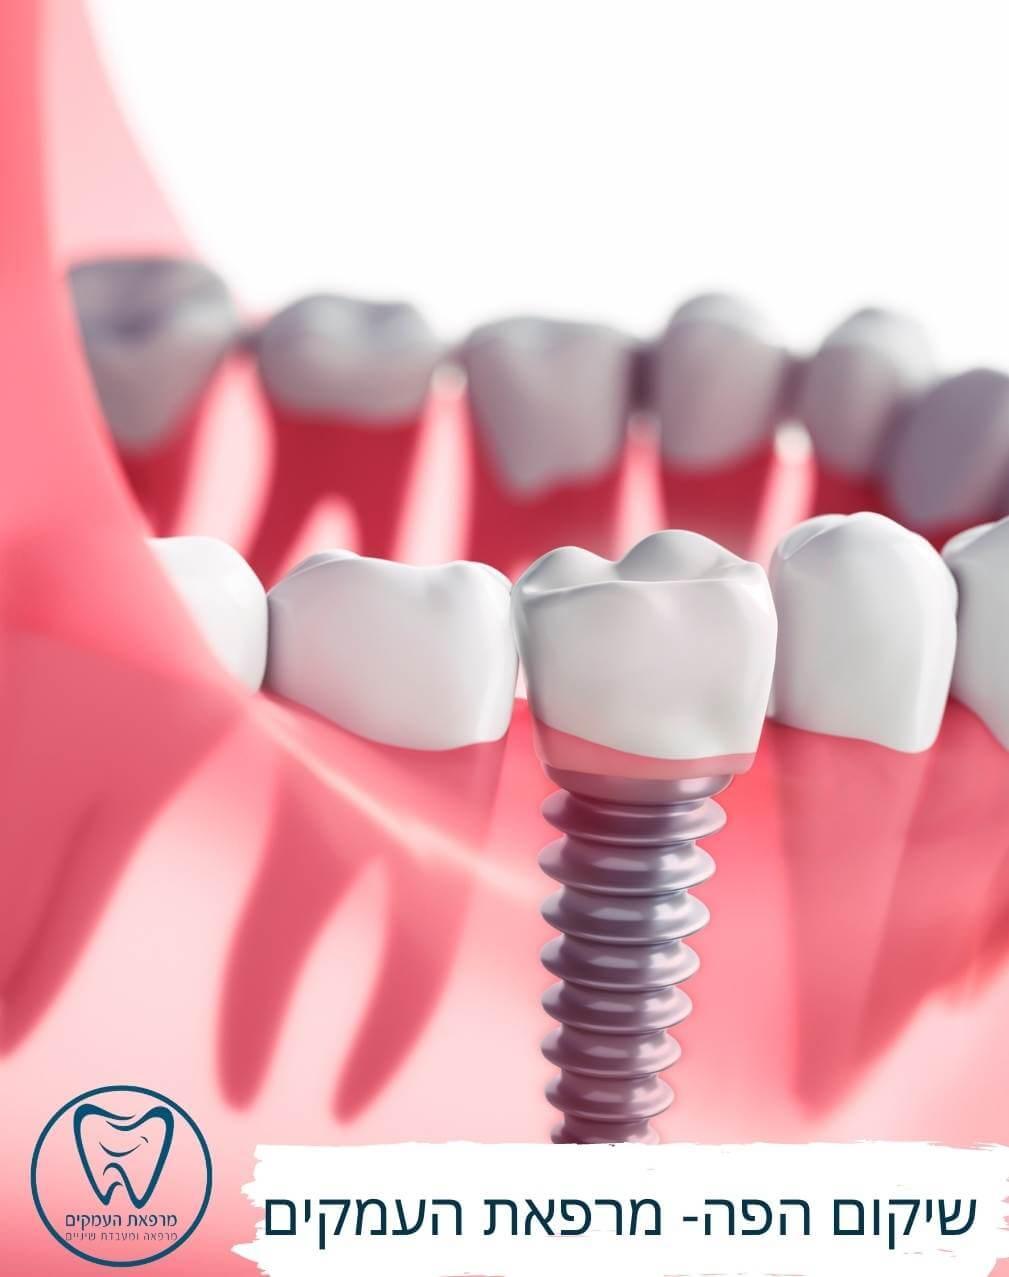 שתלים דנטליים להשתלות שיניים - מרפאת העמקים עפולה